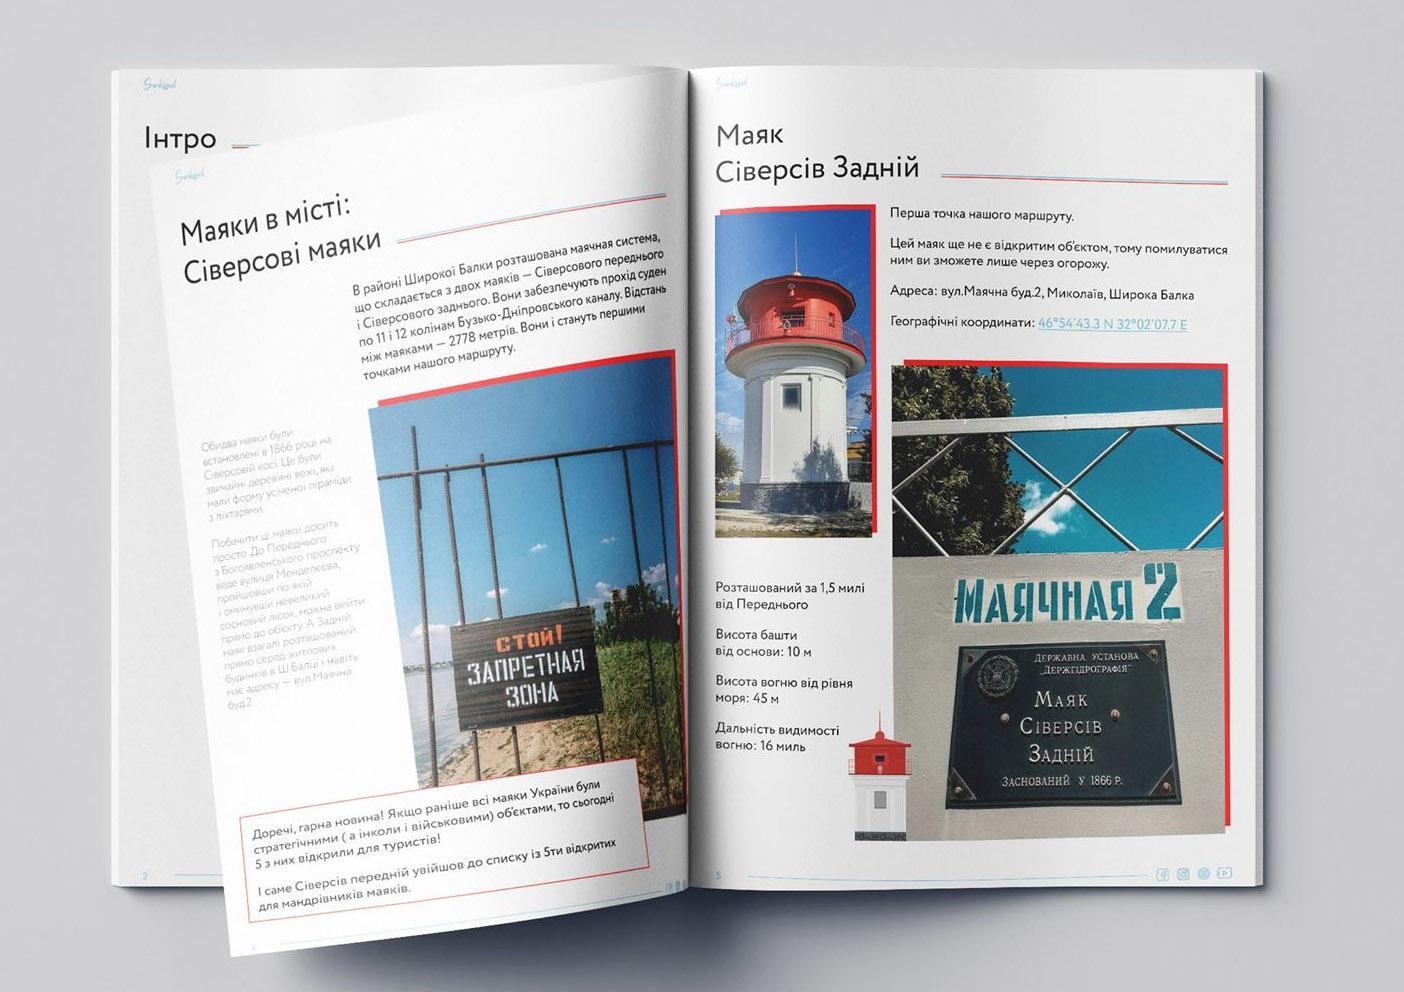 Руський маяк в Миколаєві | Русский маяк